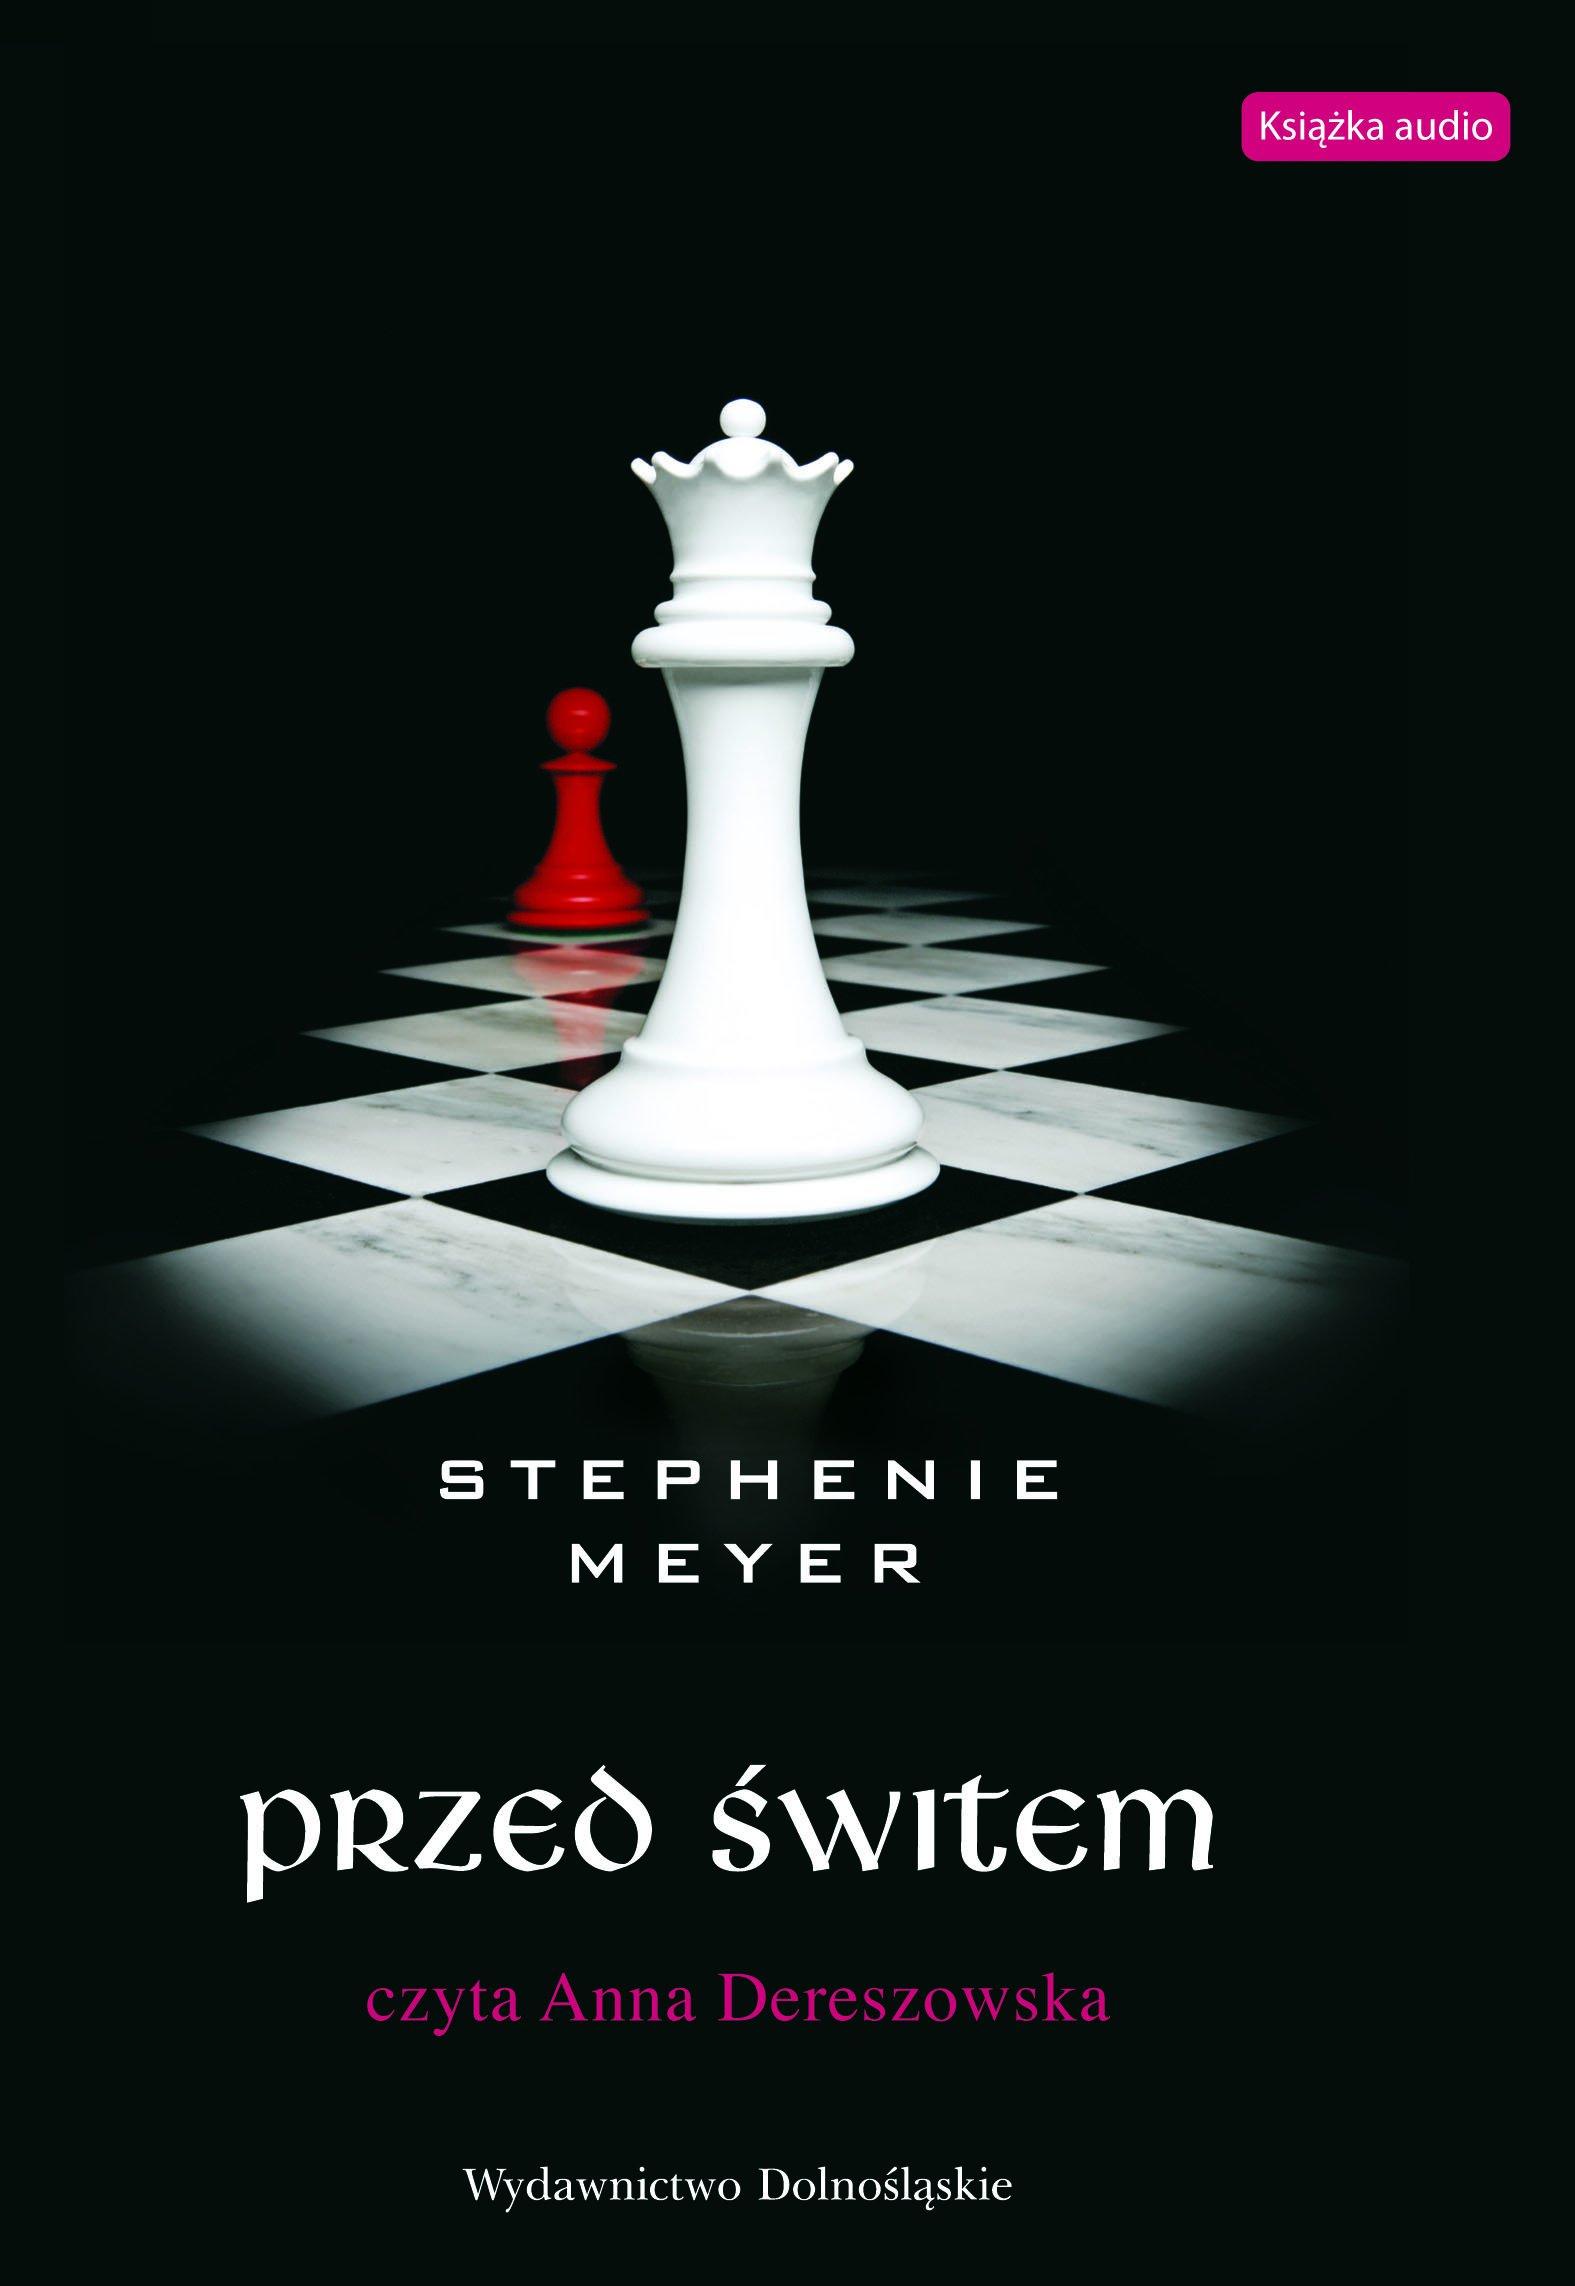 Przed świtem - audiobook – Stephenie Meyer, Wydawnictwo Dolnośląskie, powieści, audio, mp3, książki audio, saga, opowiesc, romans, obyczajowe, kryminał i sensacja, epartnerzy.com